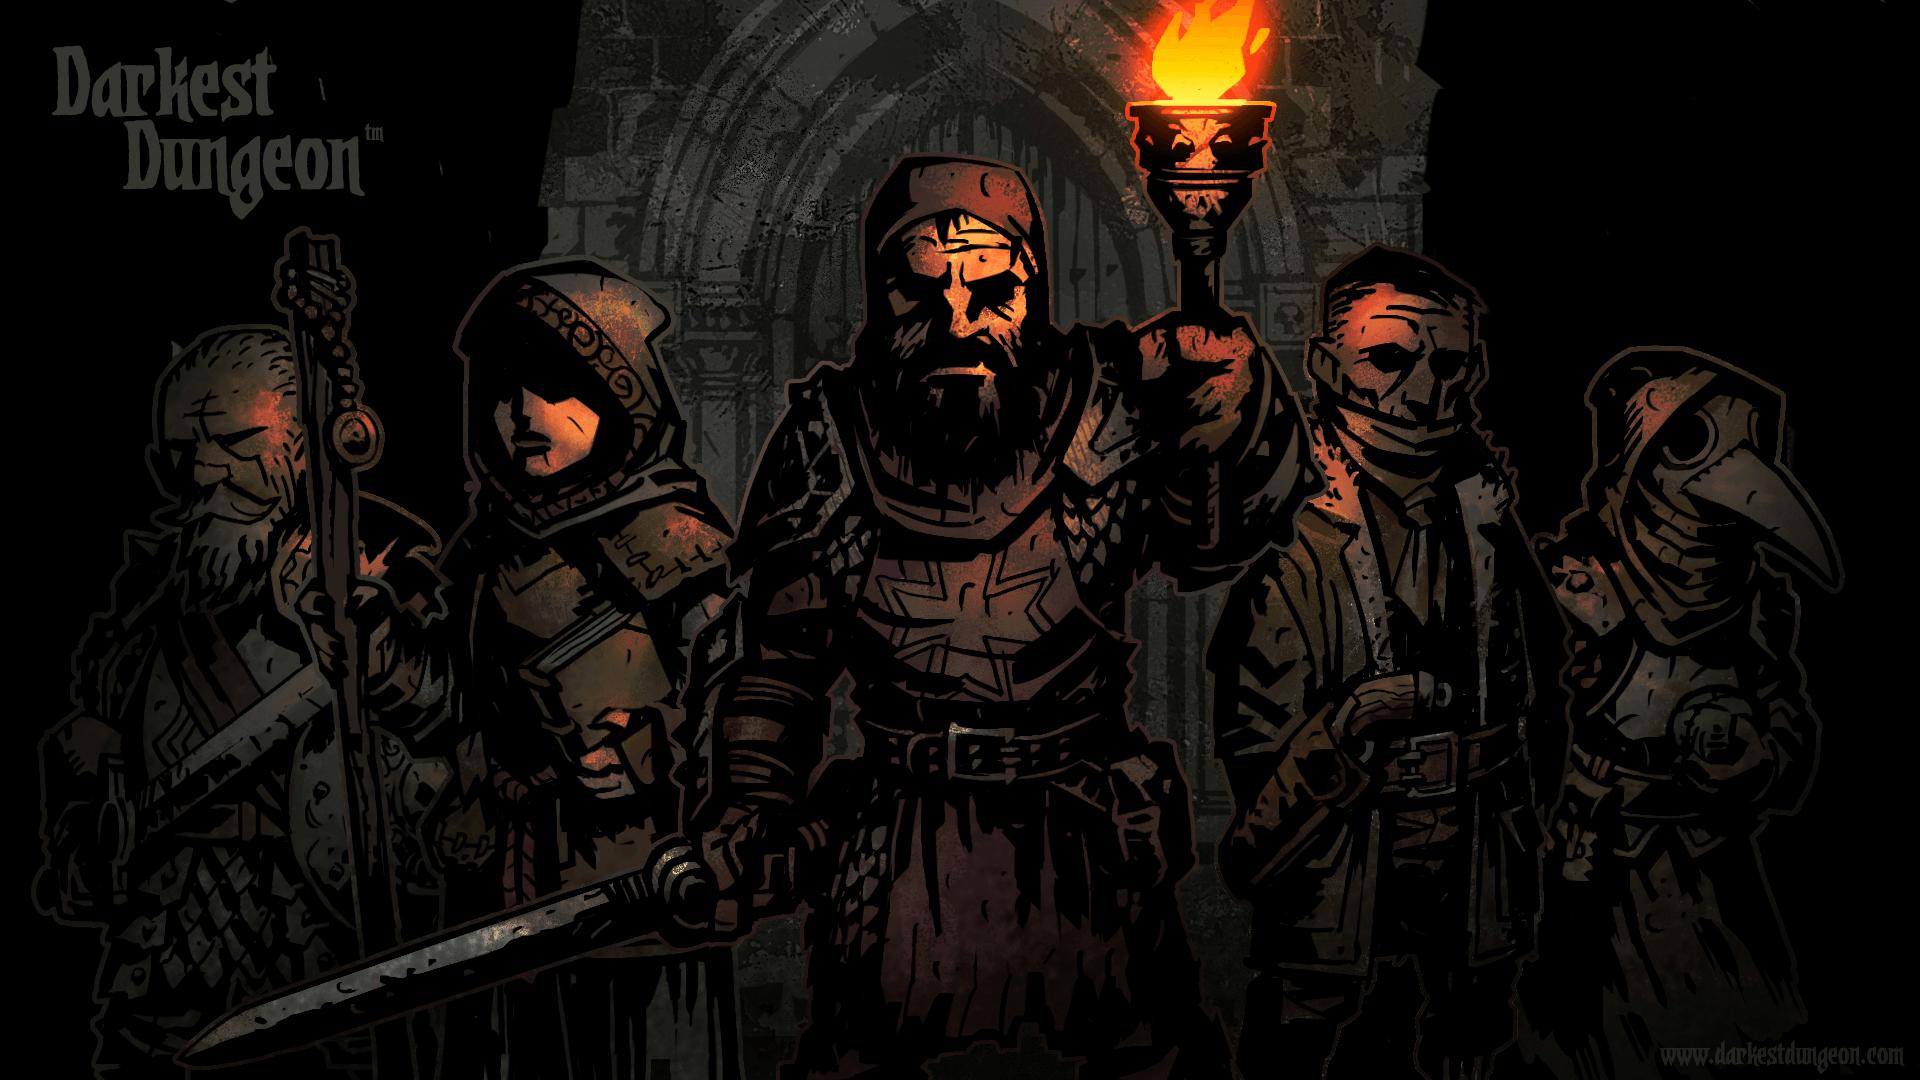 Wallpaper_GroupShot.png (1920×1080) Darkest dungeon